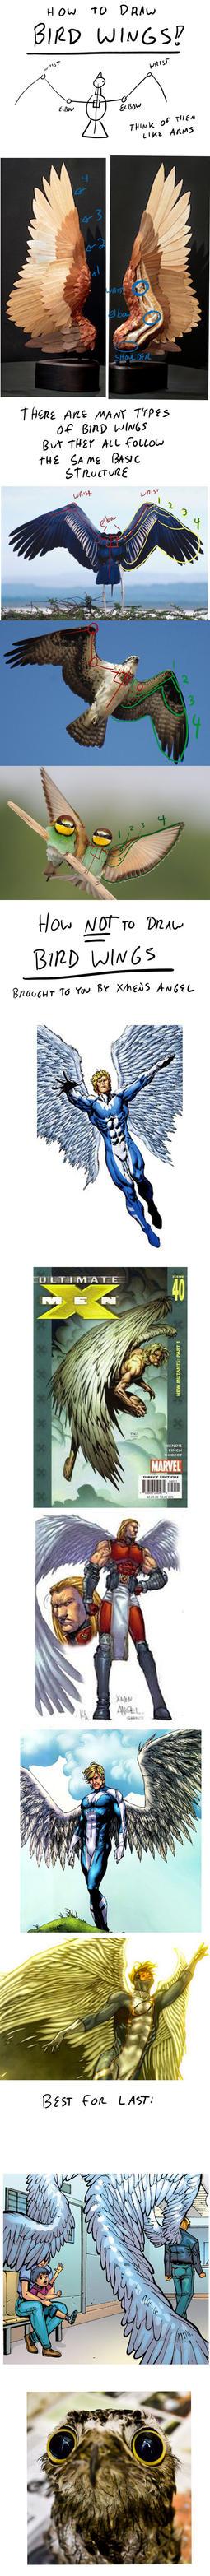 Bad Art - Bird Wings by RomanJones